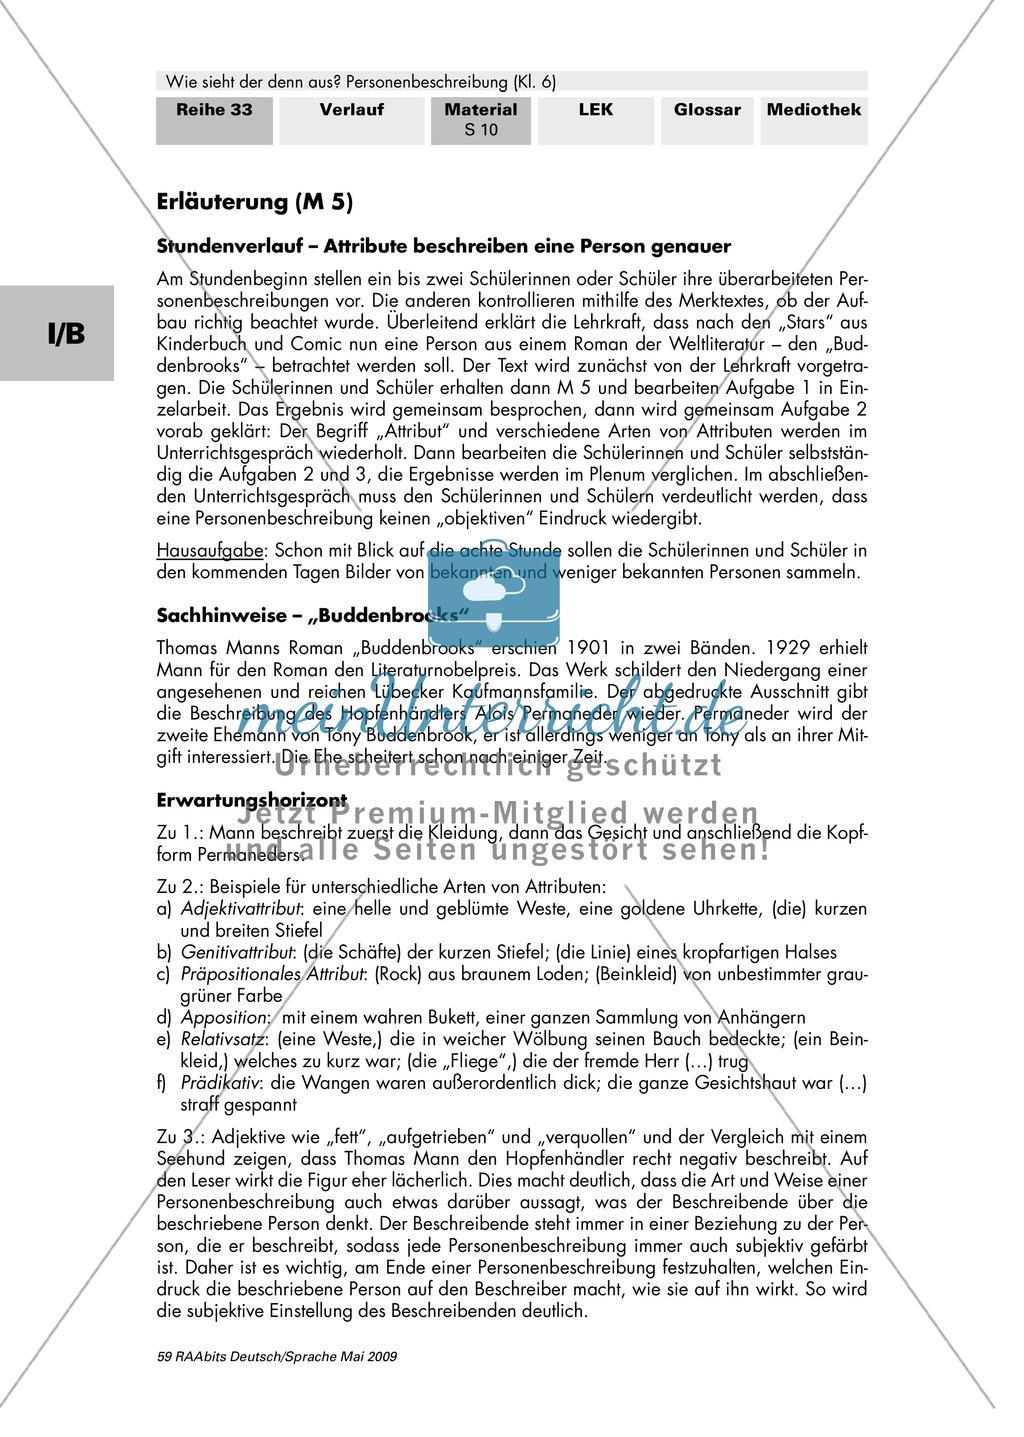 Attribute als sprachliche Gestaltungsmittel einer Personenbeschreibung: Auszug aus den